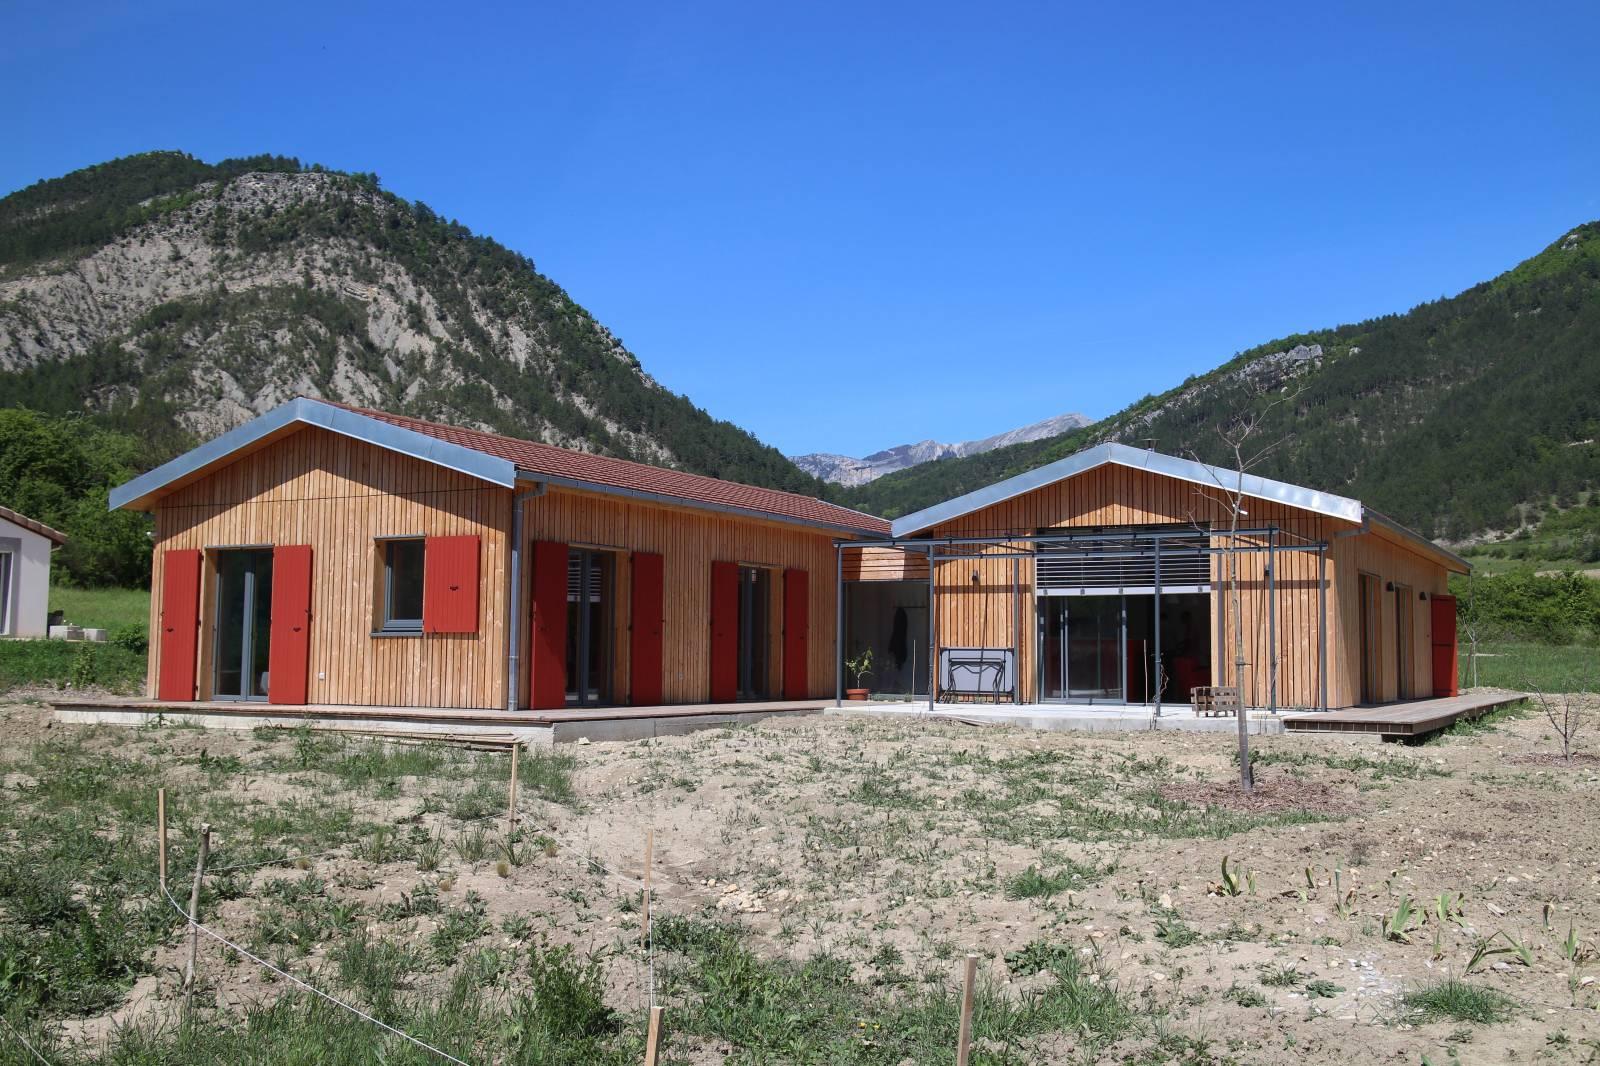 Maison en bois drome segu maison for Constructeur de maison en bois en drome ardeche